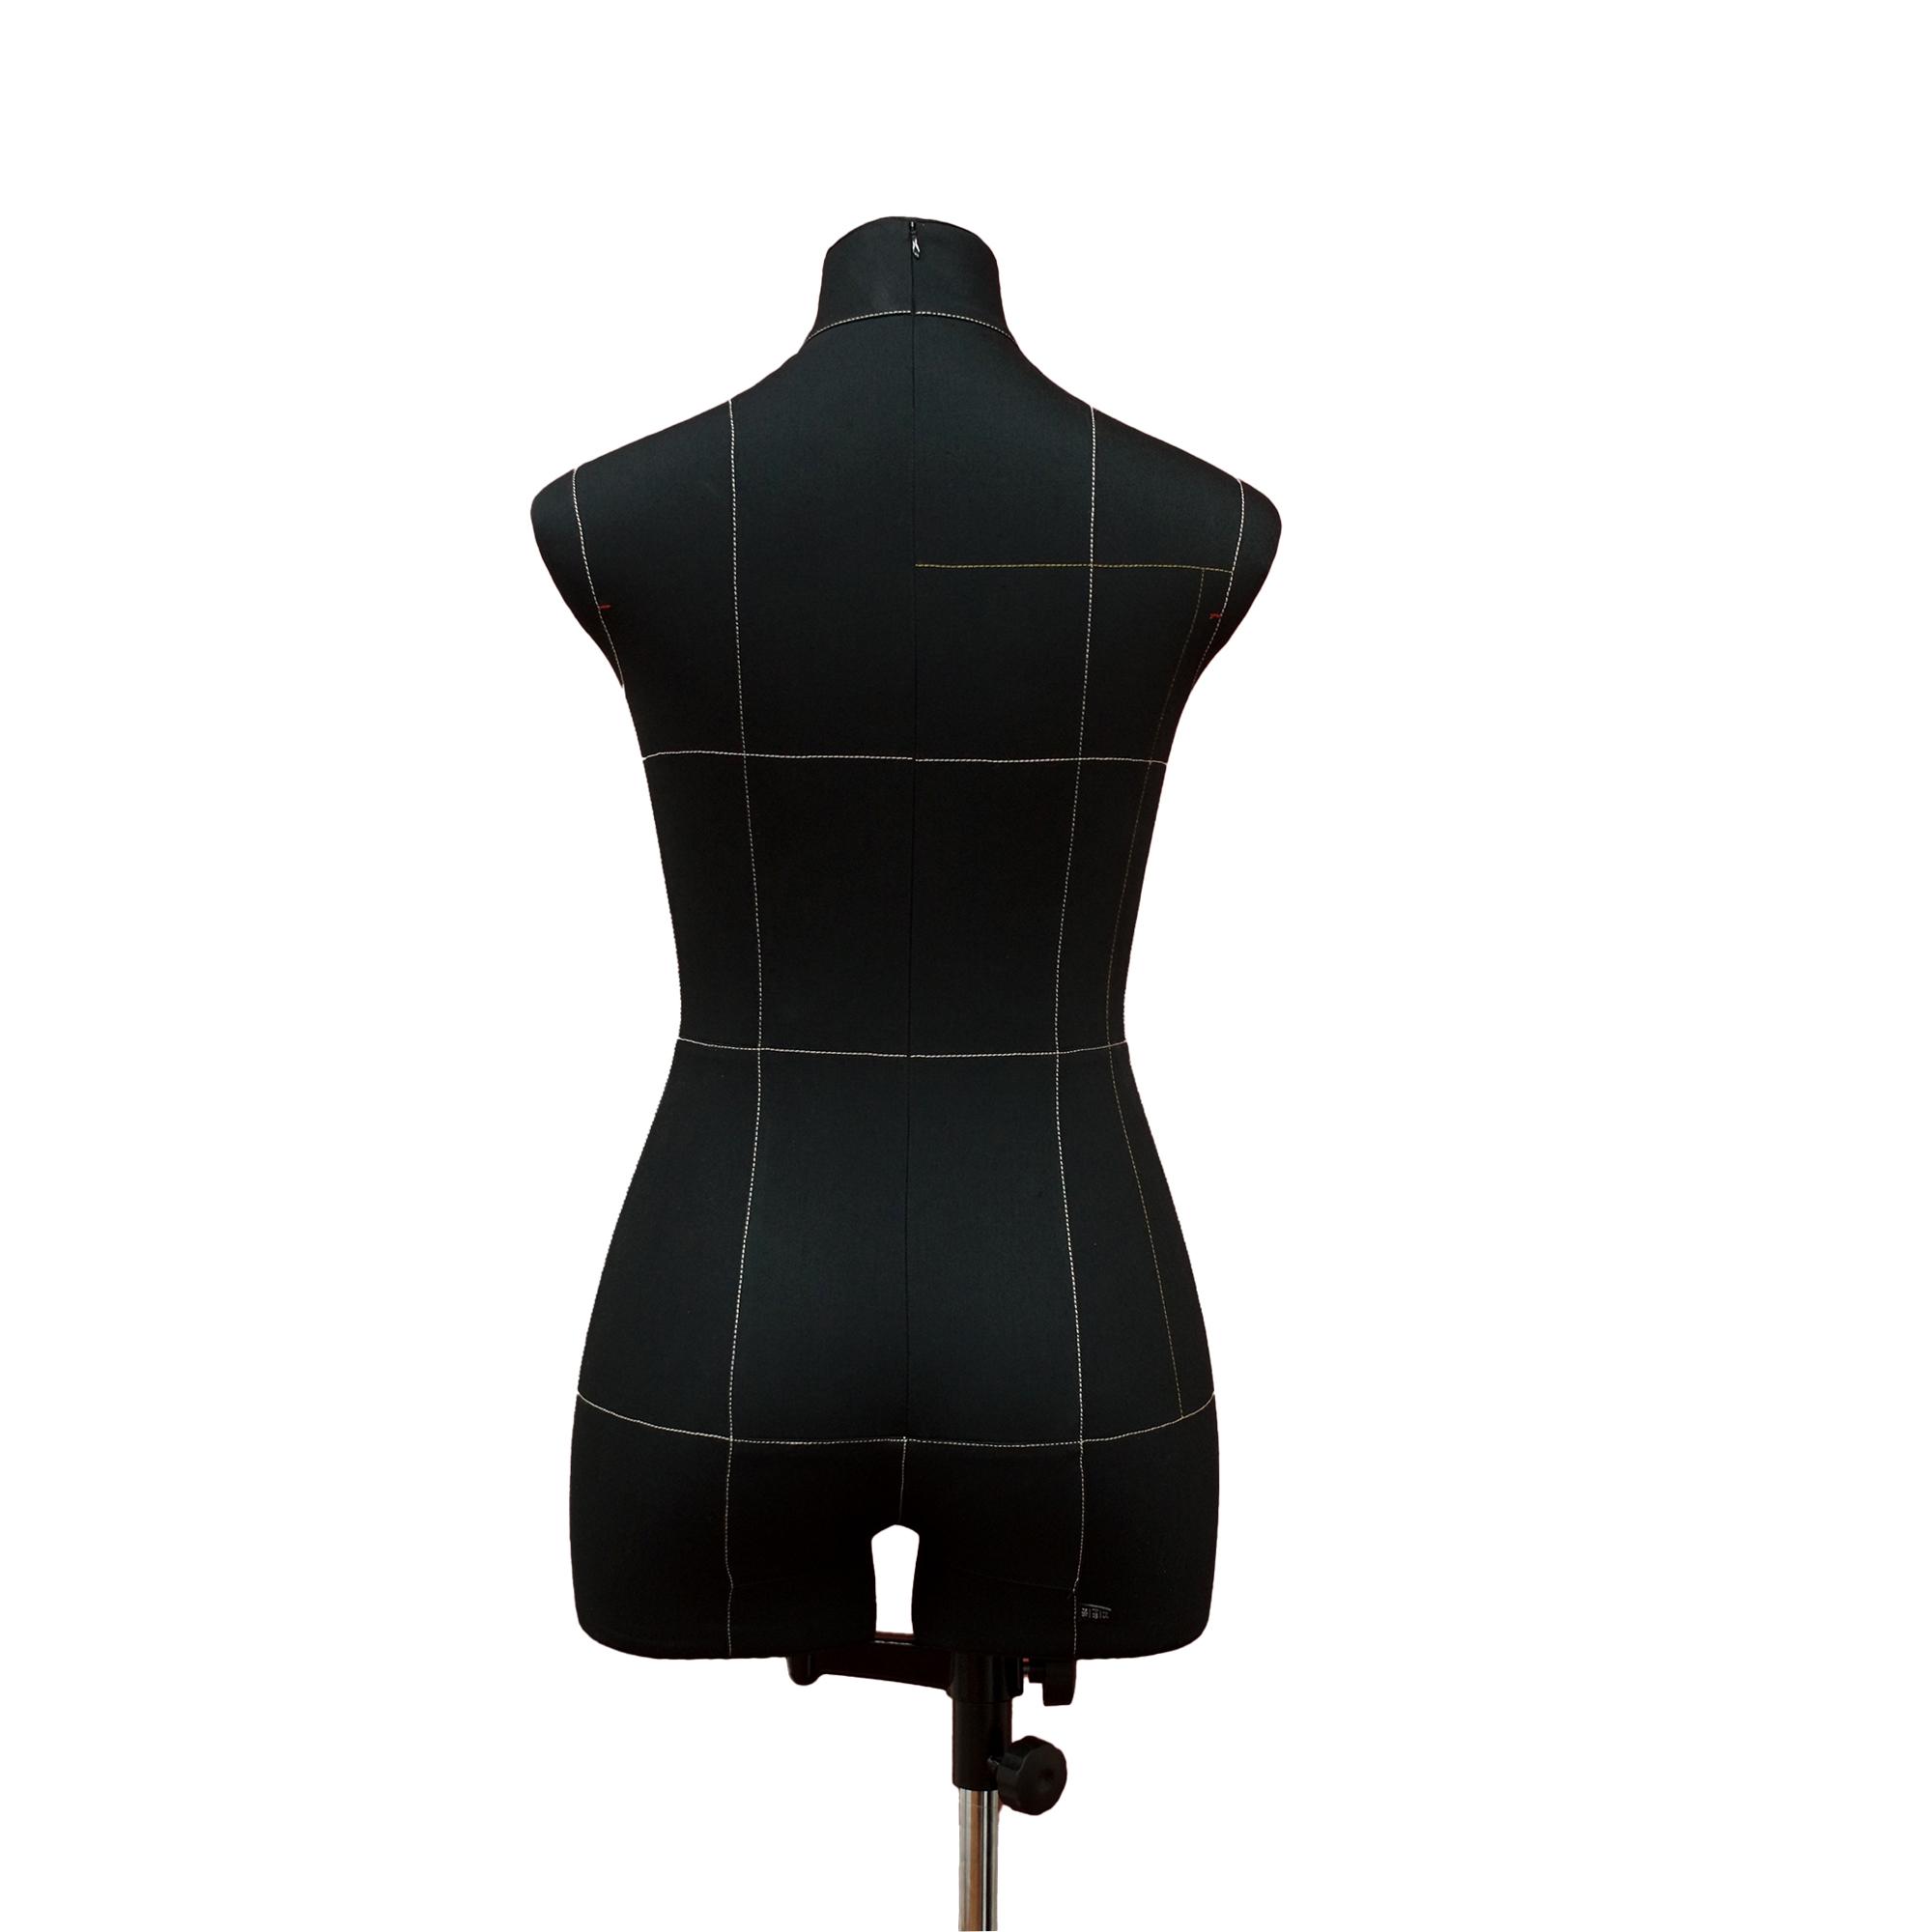 Манекен портновский Моника, комплект Премиум, размер 44, тип фигуры Песочные часы, черныйФото 1